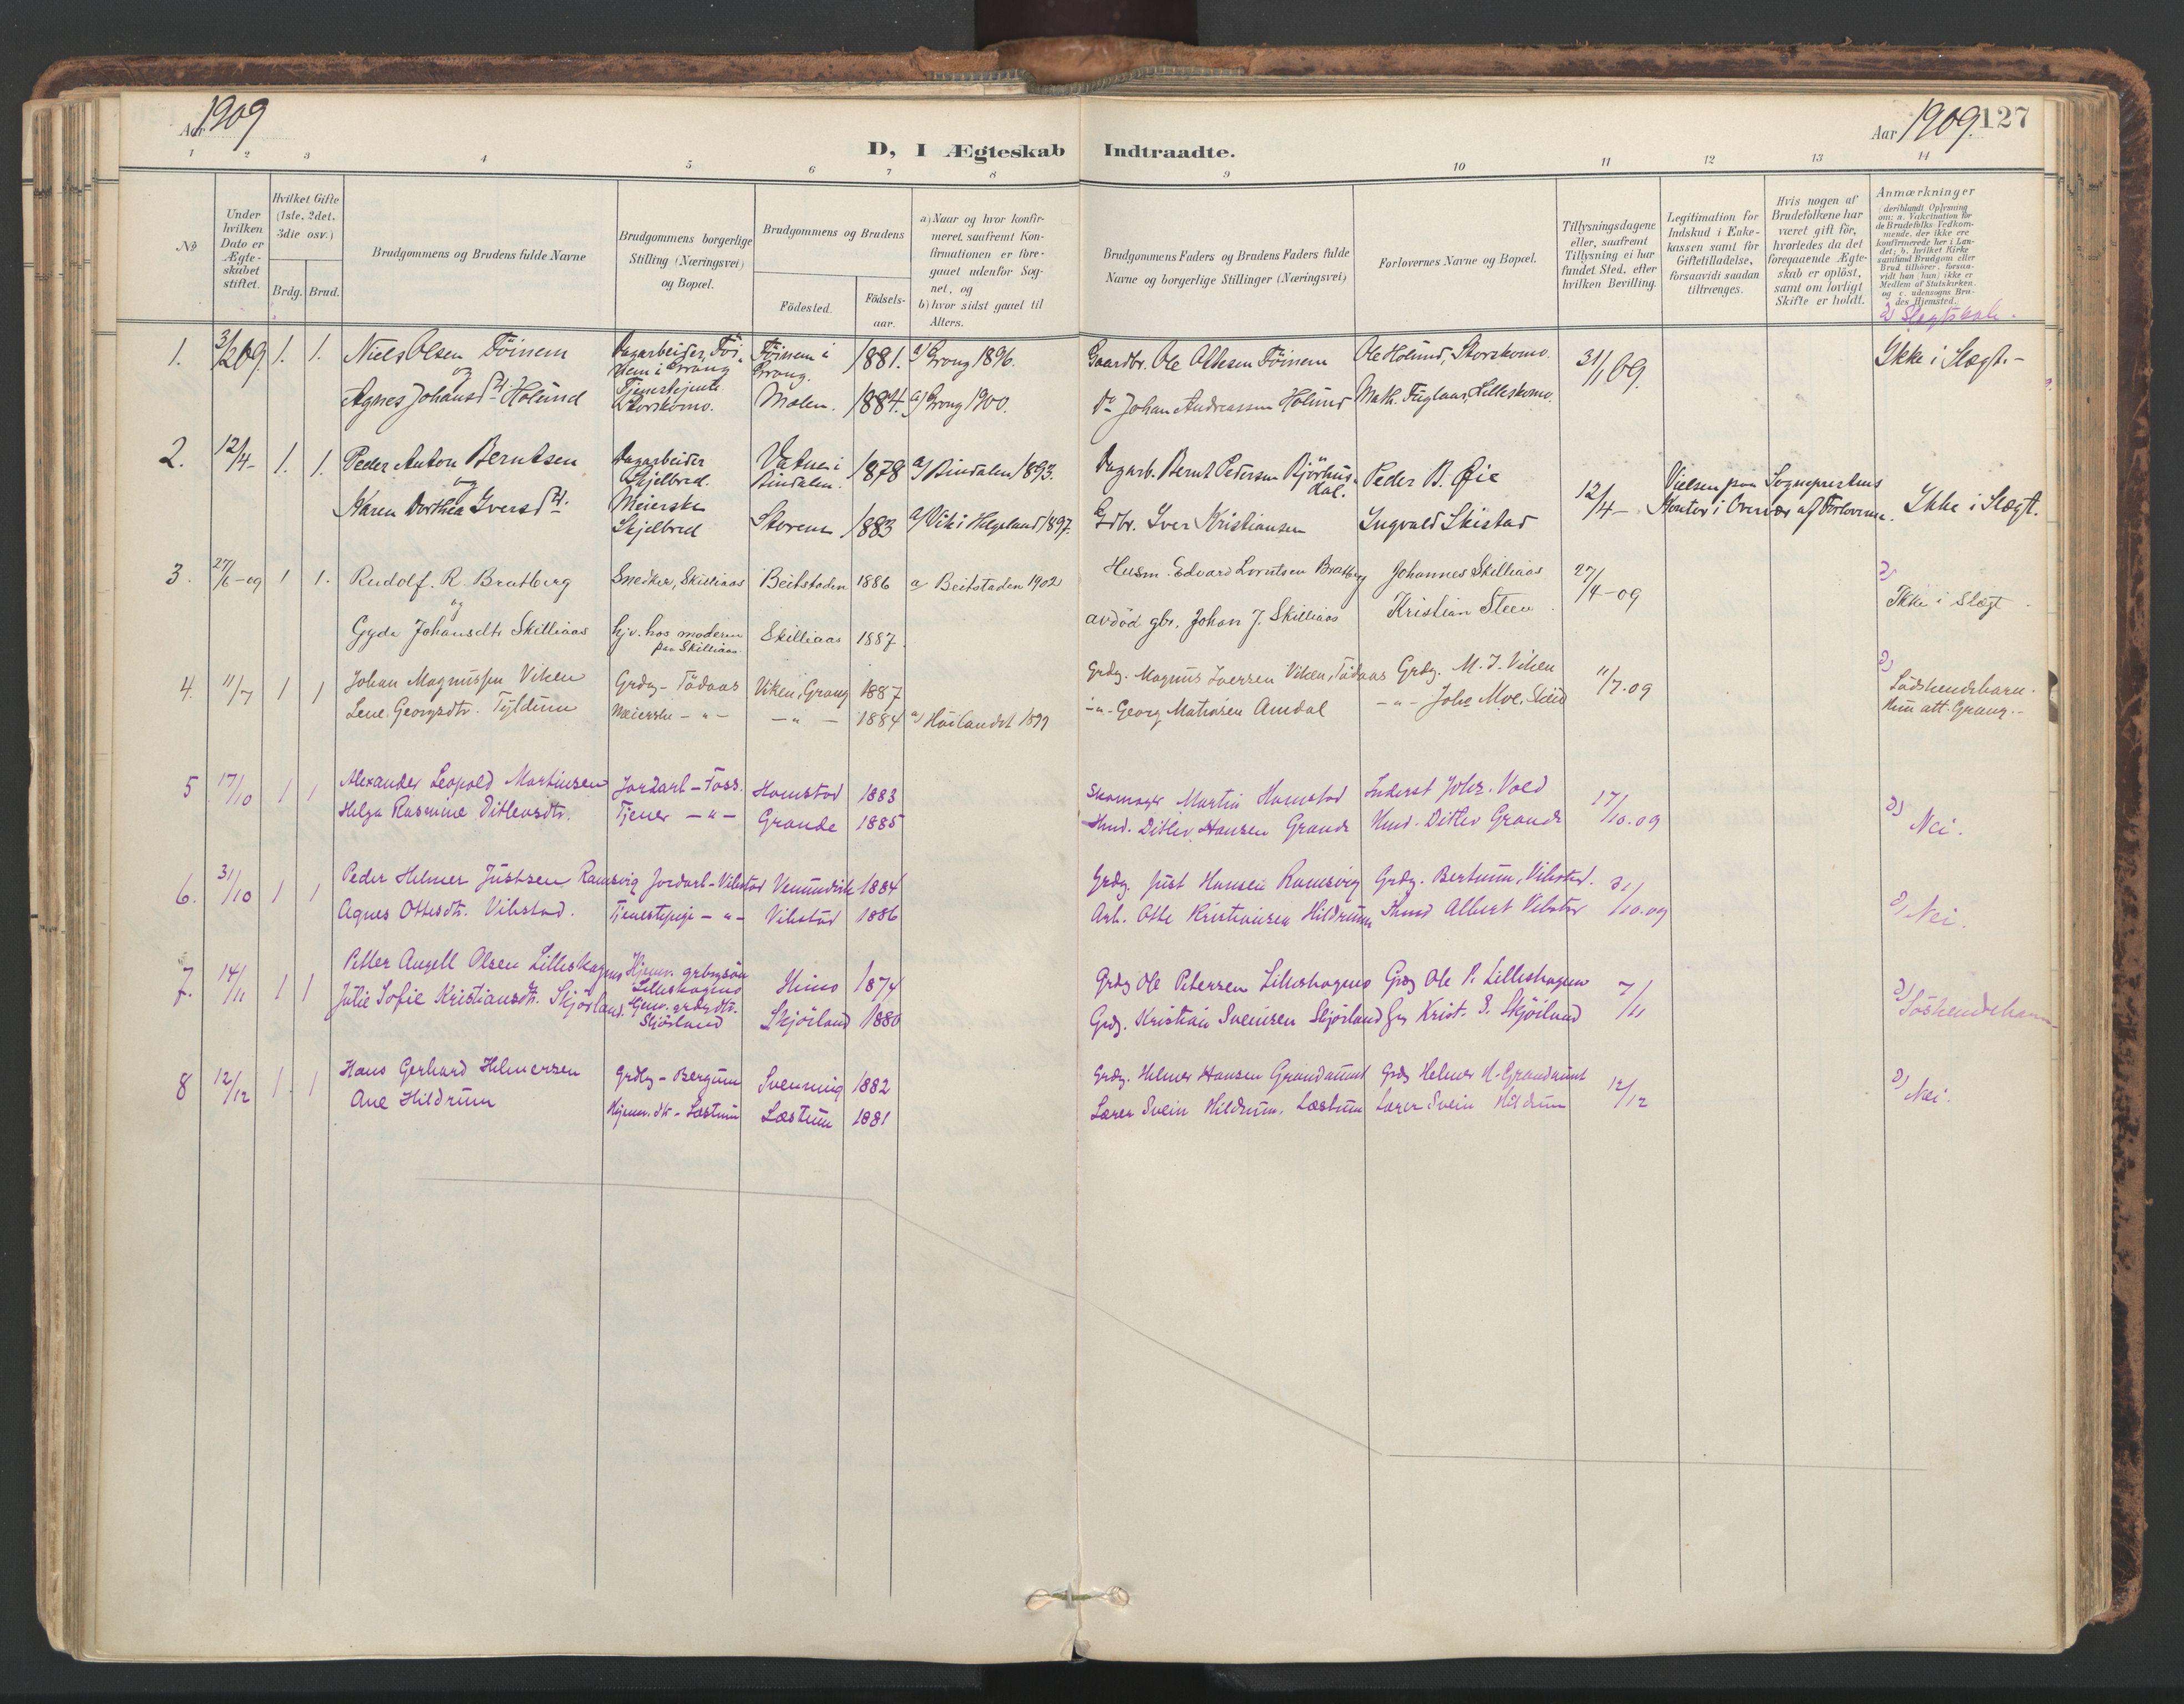 SAT, Ministerialprotokoller, klokkerbøker og fødselsregistre - Nord-Trøndelag, 764/L0556: Ministerialbok nr. 764A11, 1897-1924, s. 127